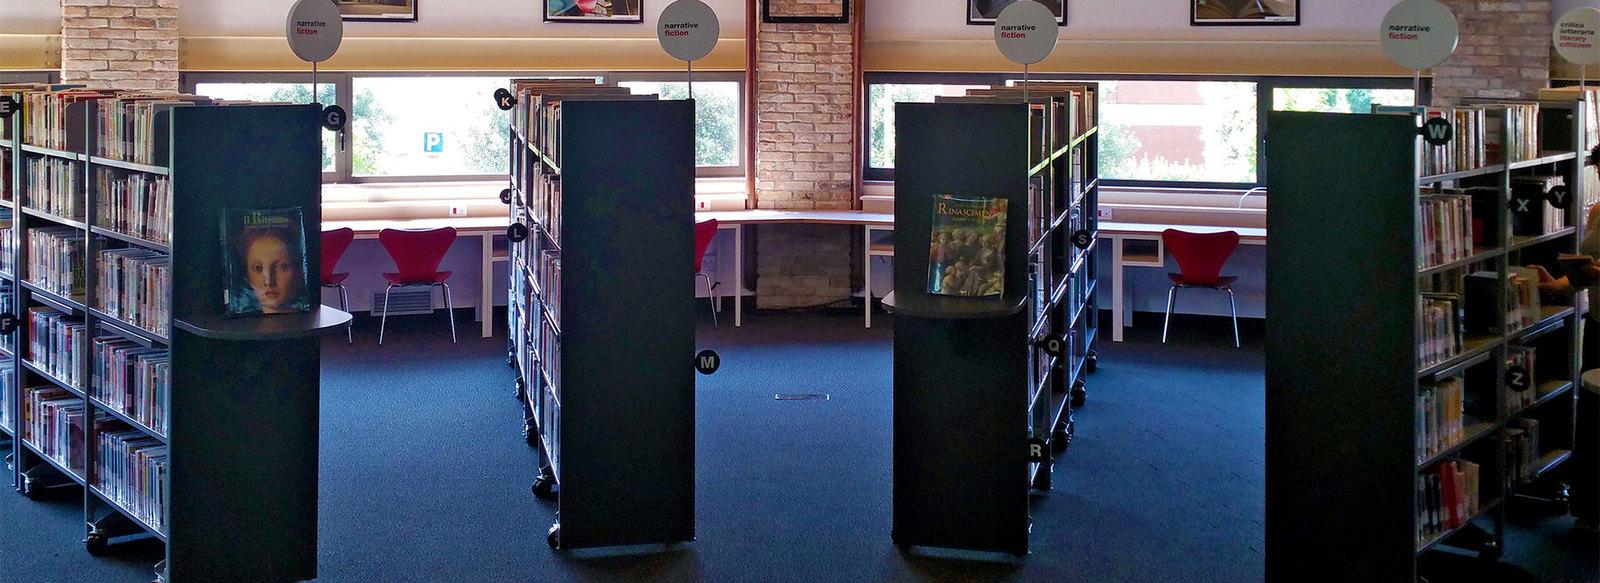 Nella terra Leopardiana, dalle aziende leader in produzioni di stampa alle storiche biblioteche